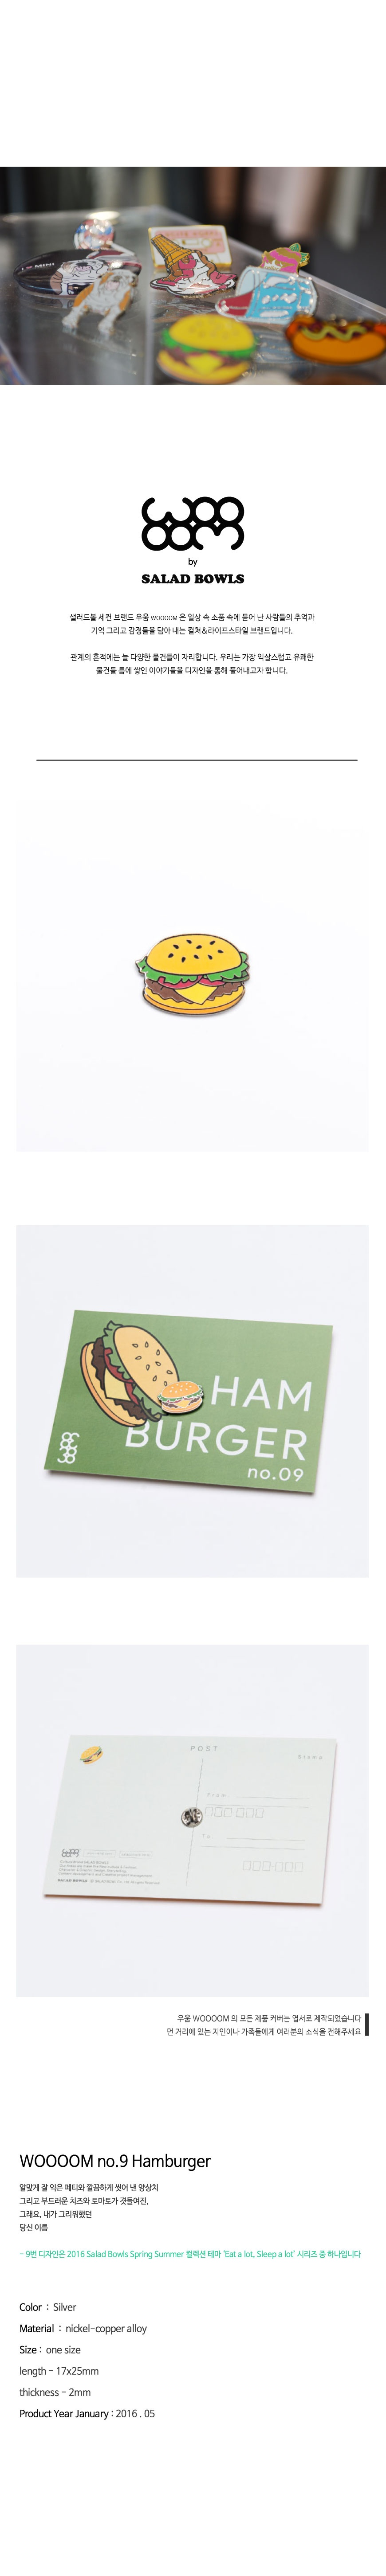 샐러드볼(SALAD BOWLS) 핀브로치 no.9 Hamburger